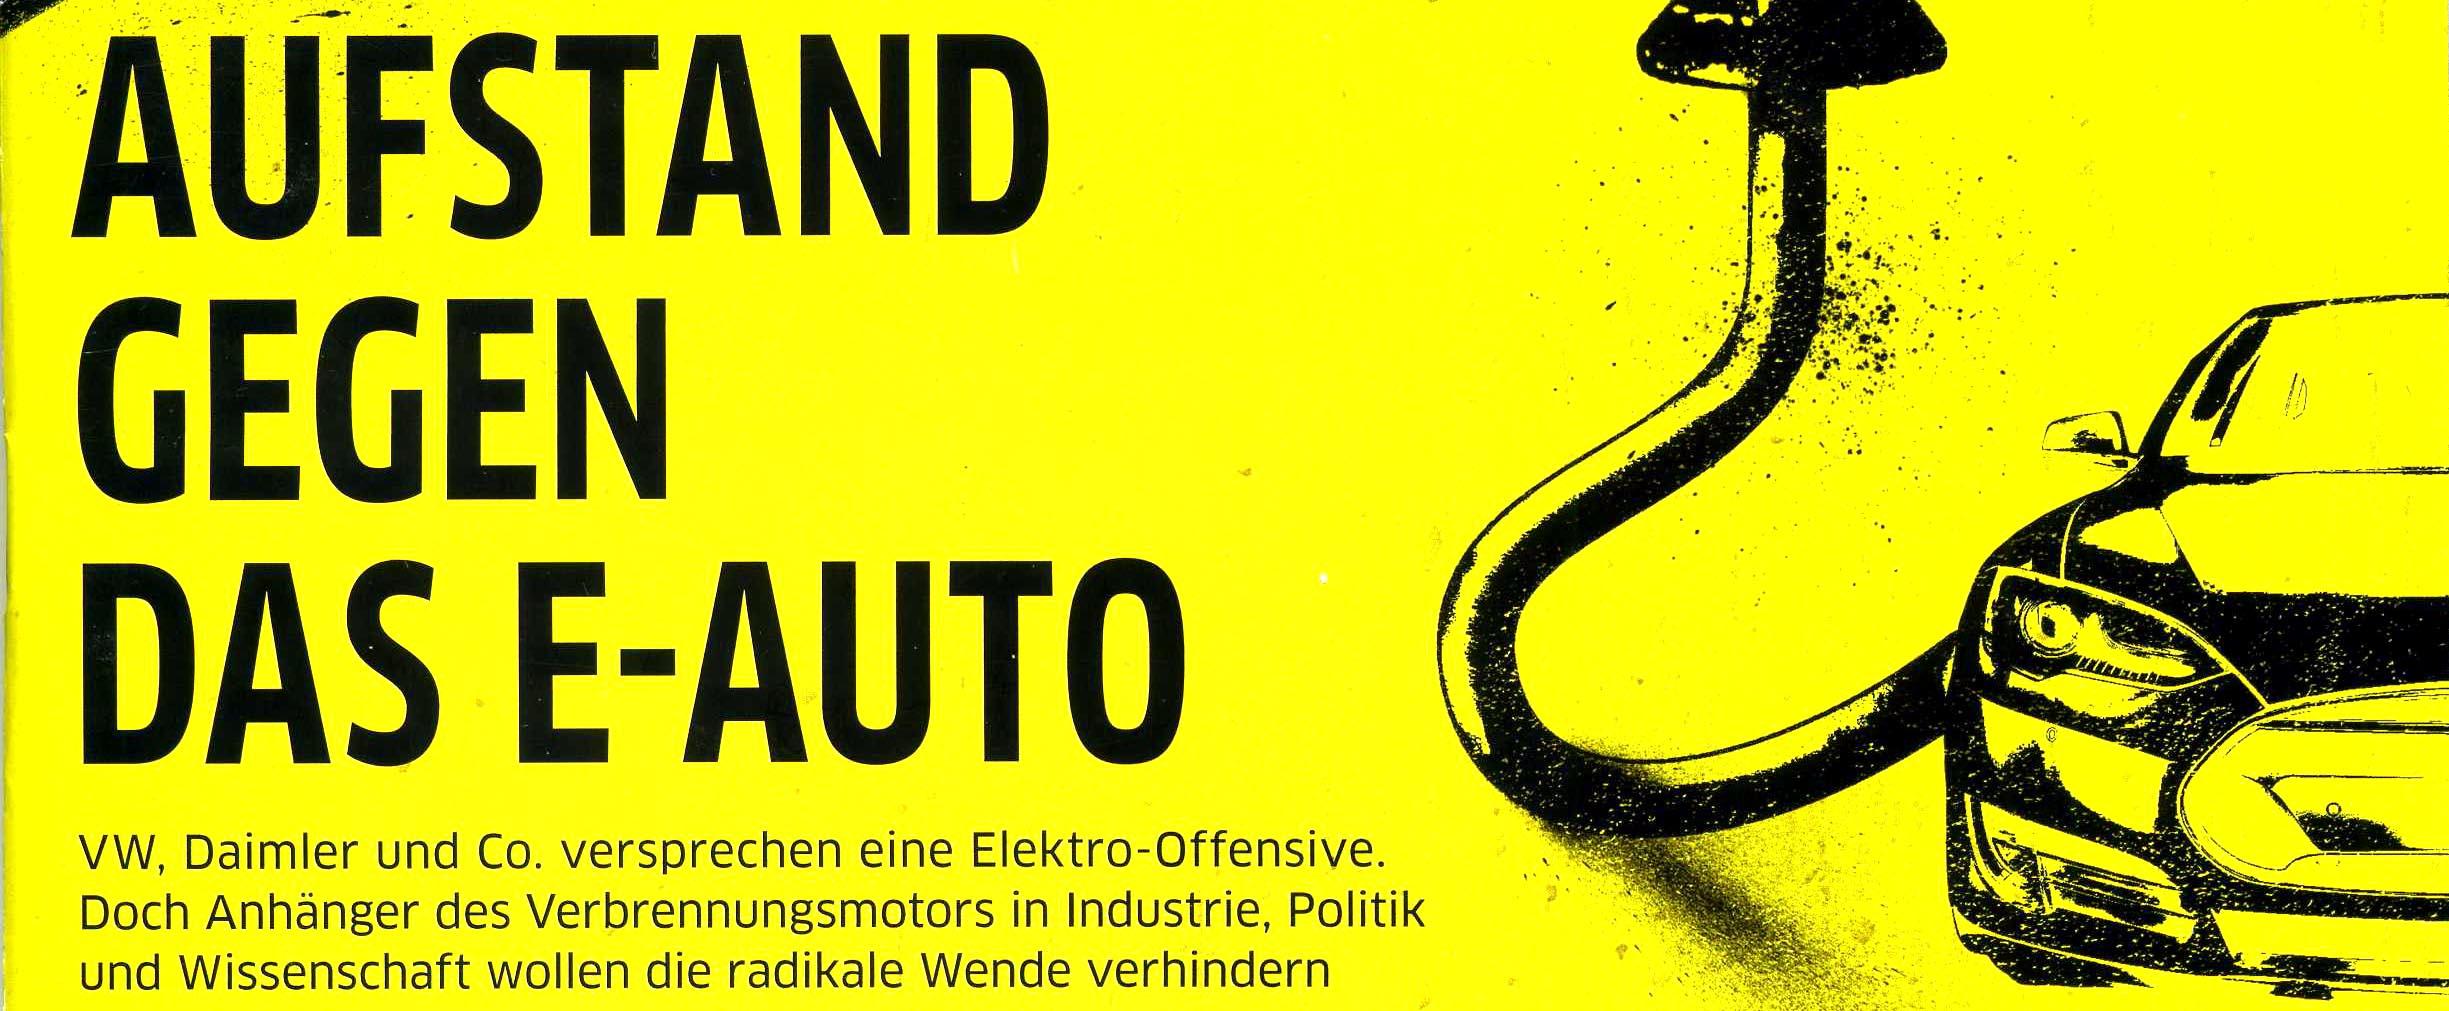 E-Auto, Elektromobilität, Wirtschaftswoche, RWTH, Jürgen Schultheis, Diesel, Dieselskandal, Verbrennungsmotor